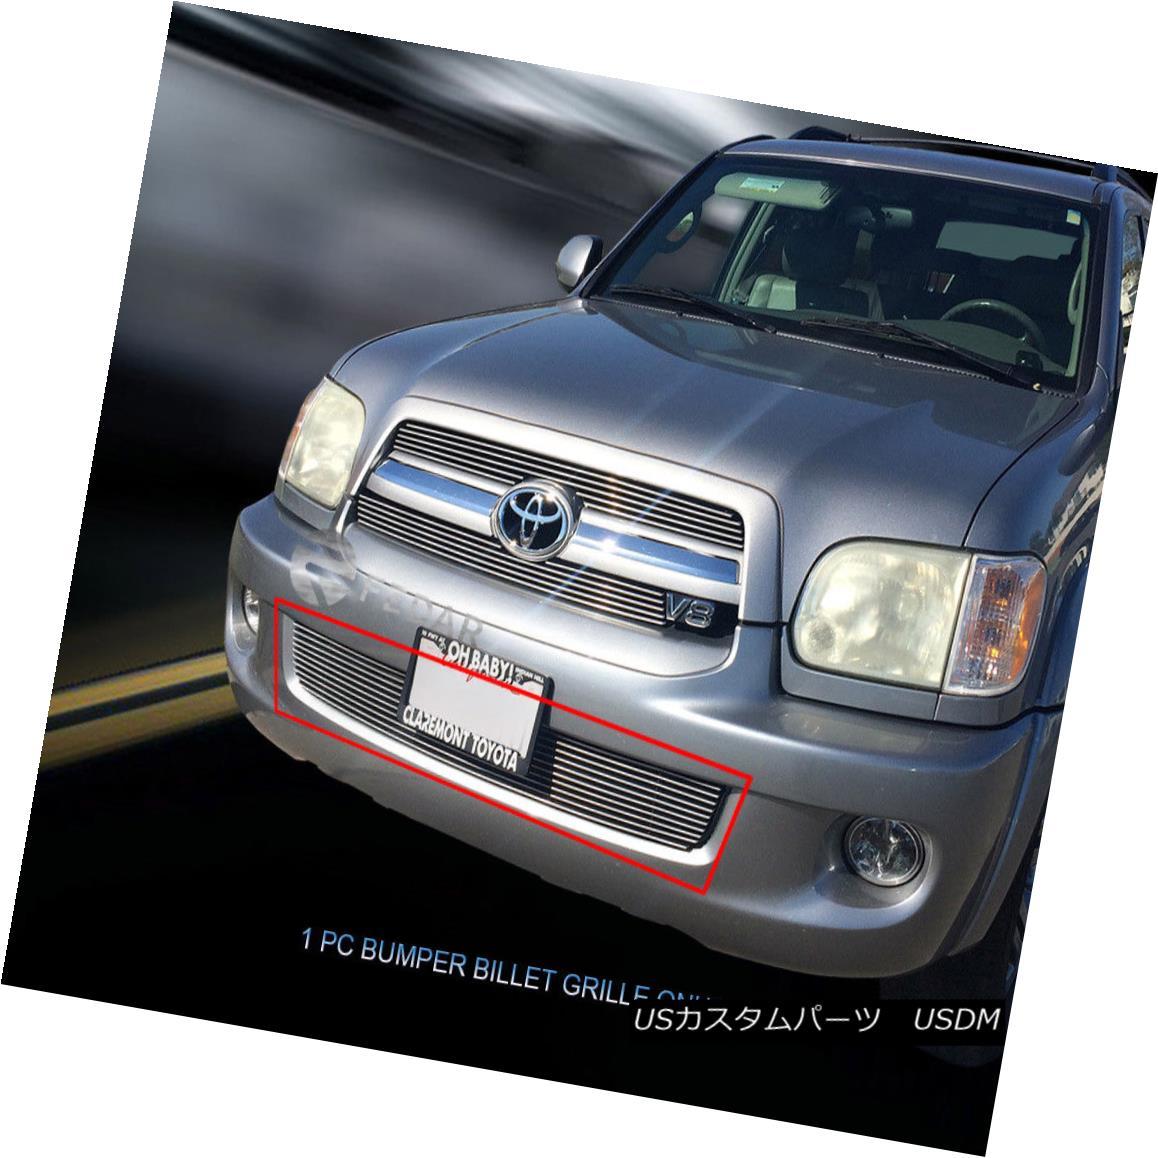 グリル Fedar Fits 2005-2007 Toyota Sequoia Polished Lower Bumper Billet Grille Fedarは2005-2007年に合うToyota Sequoiaは磨かれた下部のバンパーのビレットの格子を磨いた